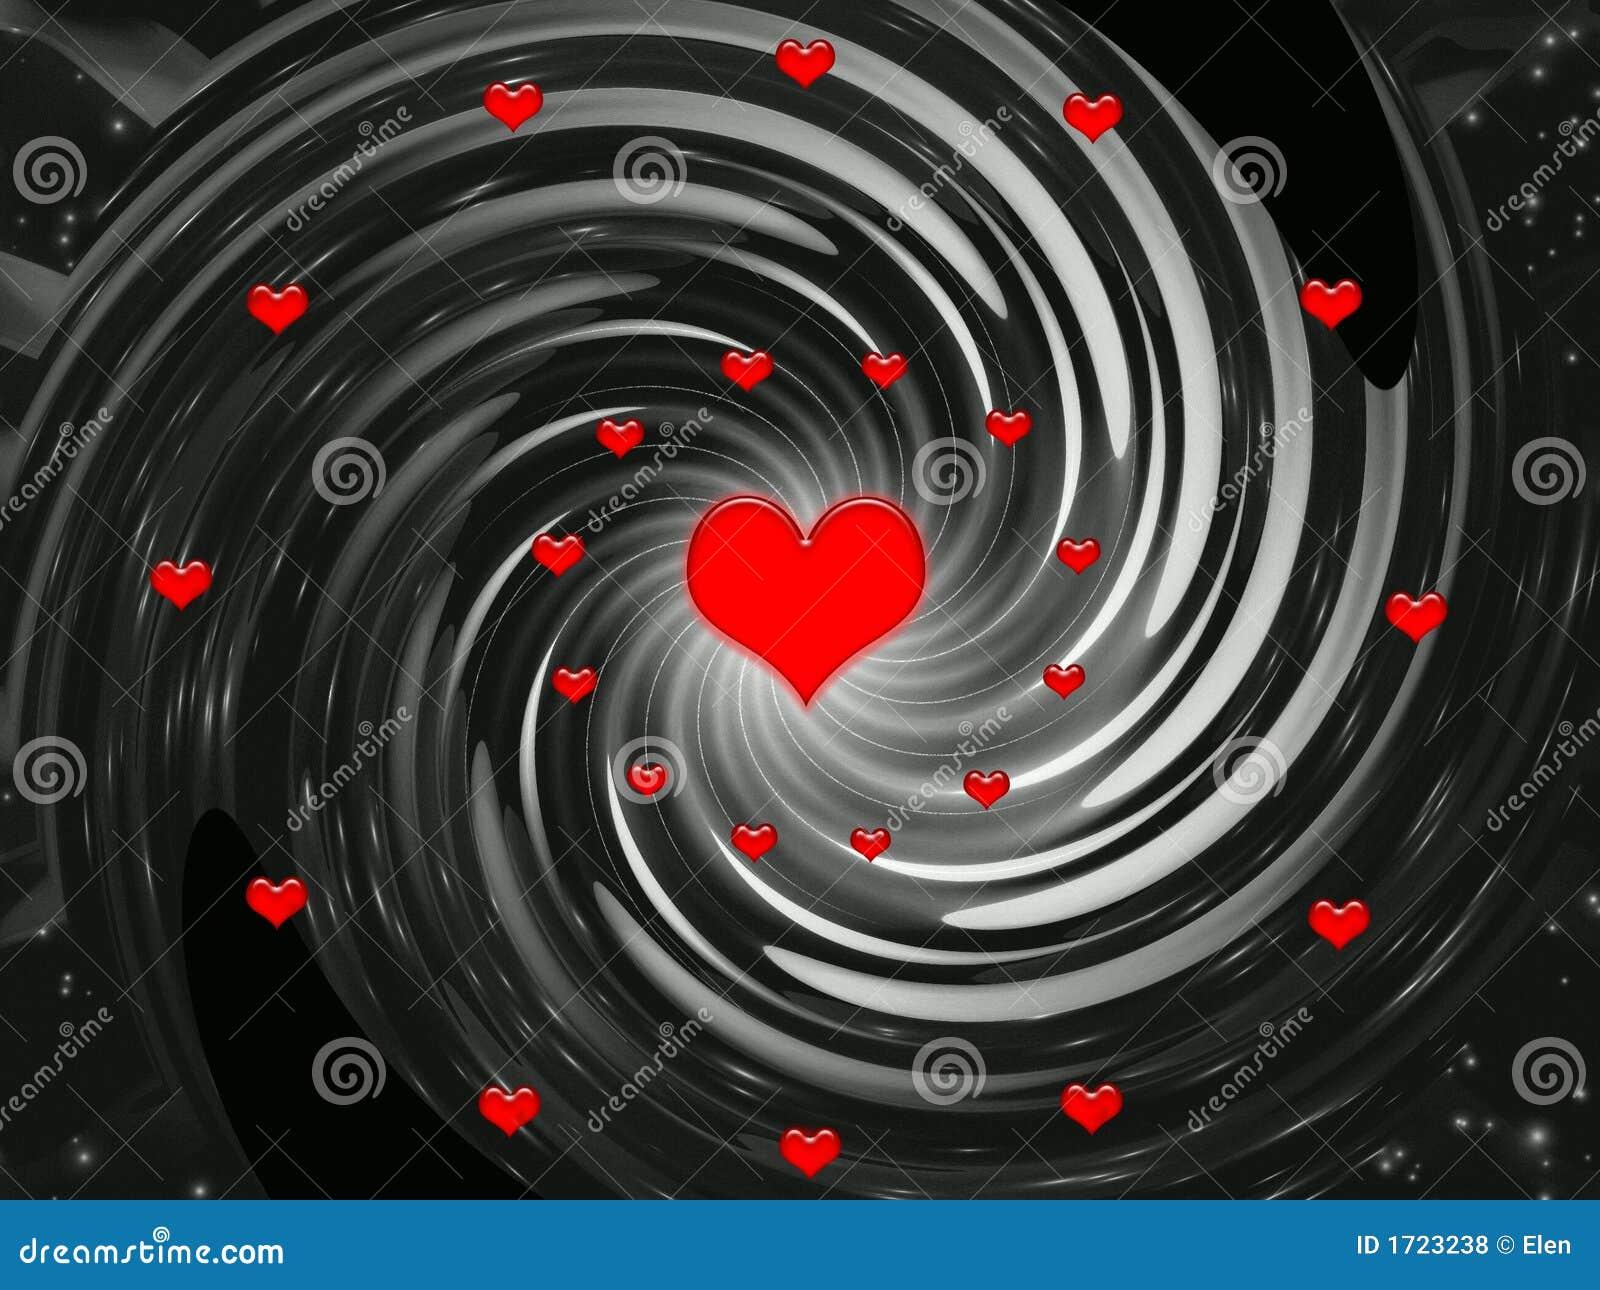 Fondo por días de fiesta - día de la abstracción de tarjetas del día de San Valentín